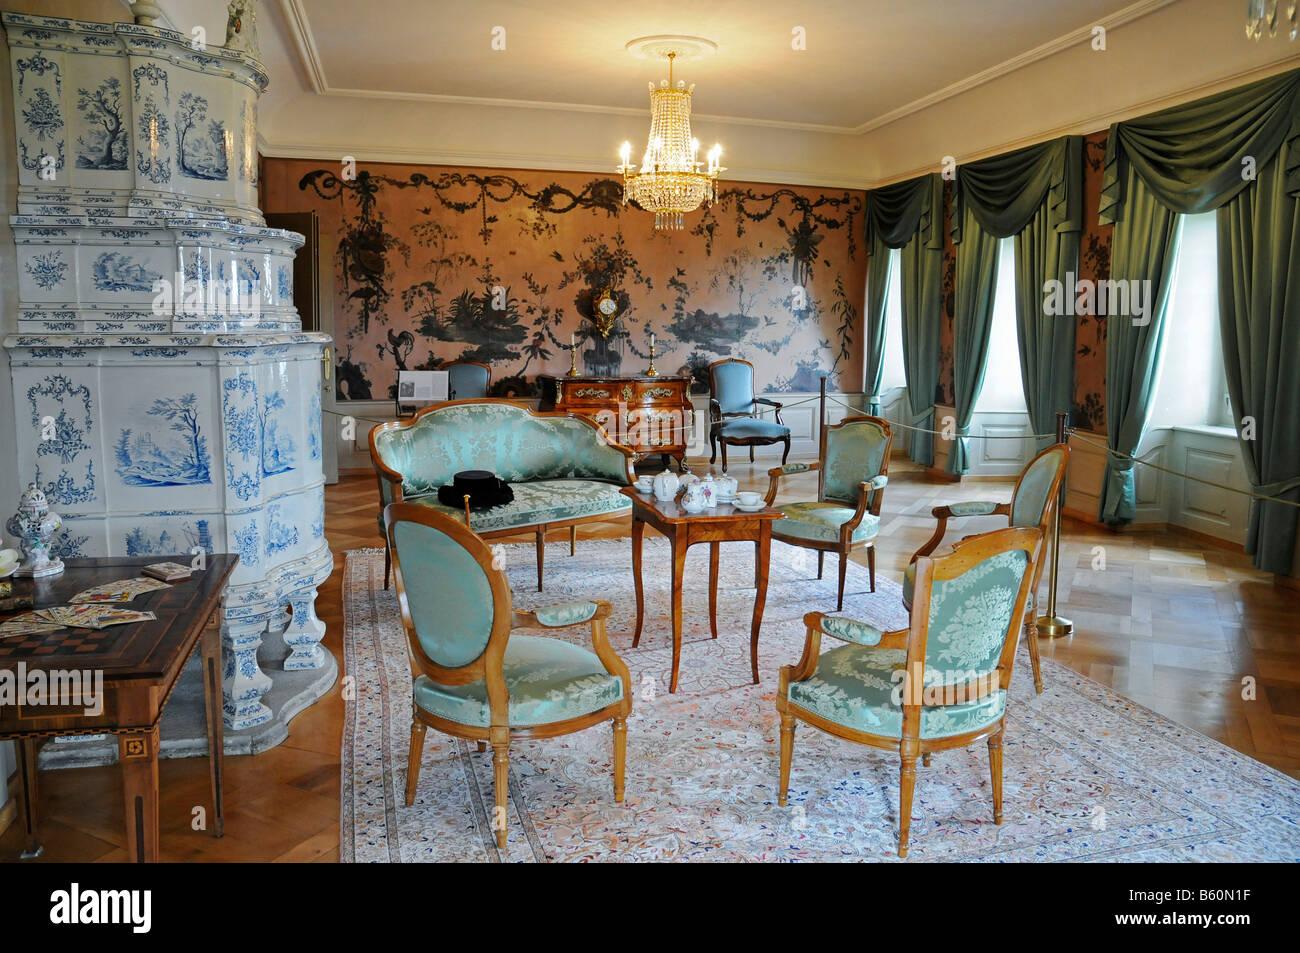 Salon Inneneinrichtung Mit Gefliesten Herd Und Möbel Schloss